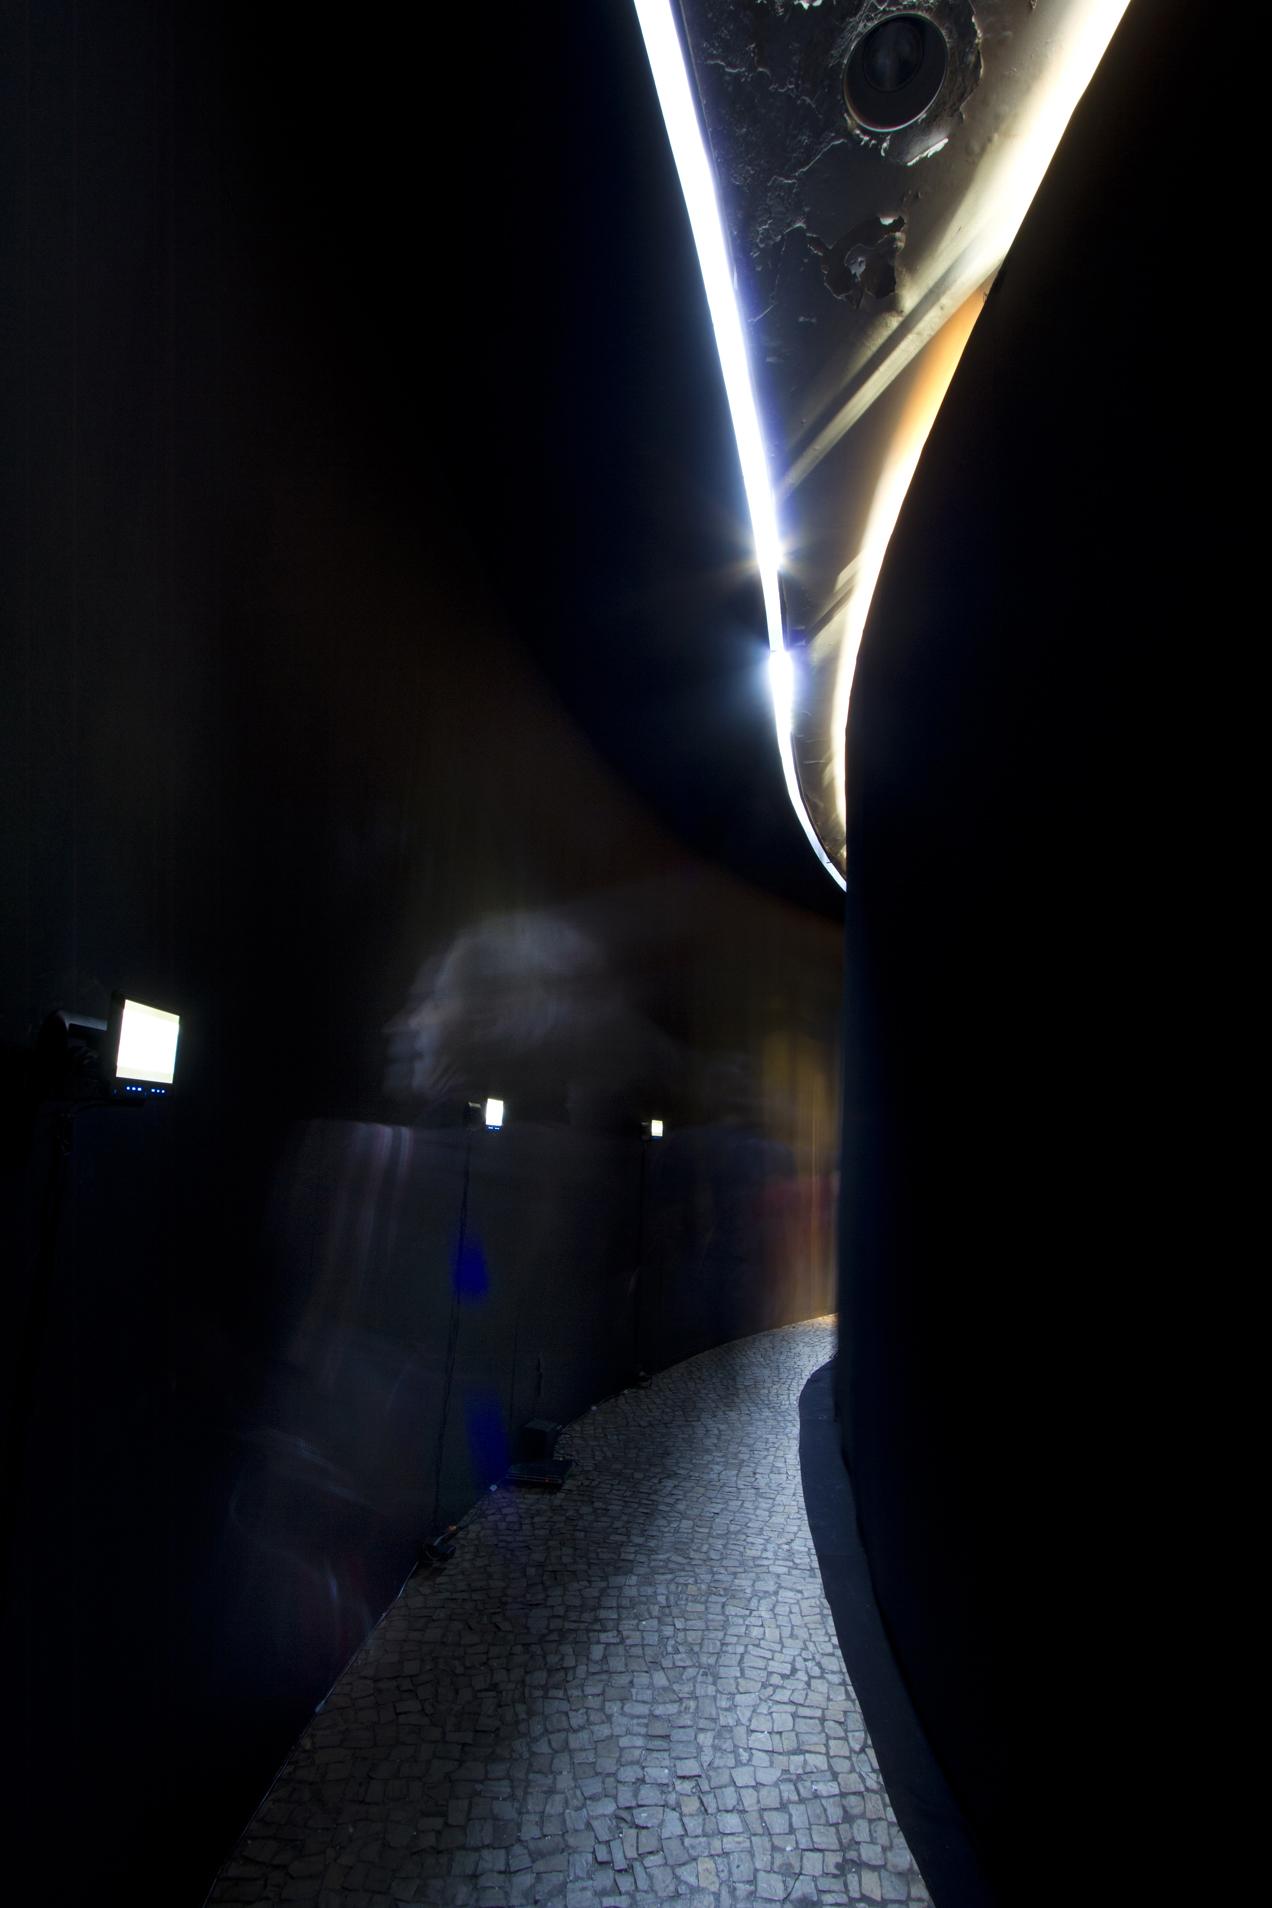 Vista interior do volume circular da instalação Soma, local de exibição de vídeos sobre o projeto Coarquitetura